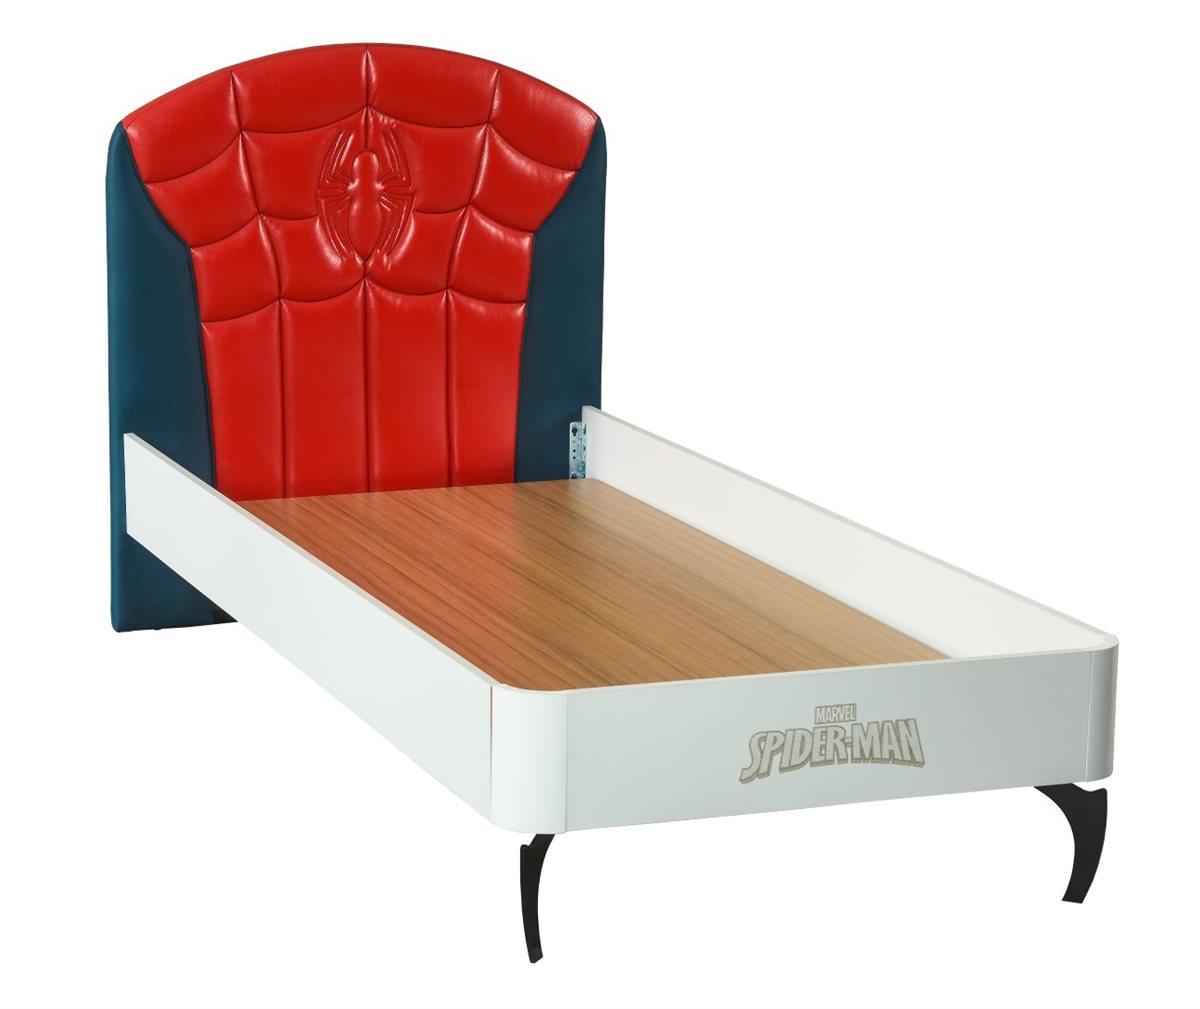 spiderman kinderzimmer möbel einrichtung bett schrank kommode | ebay